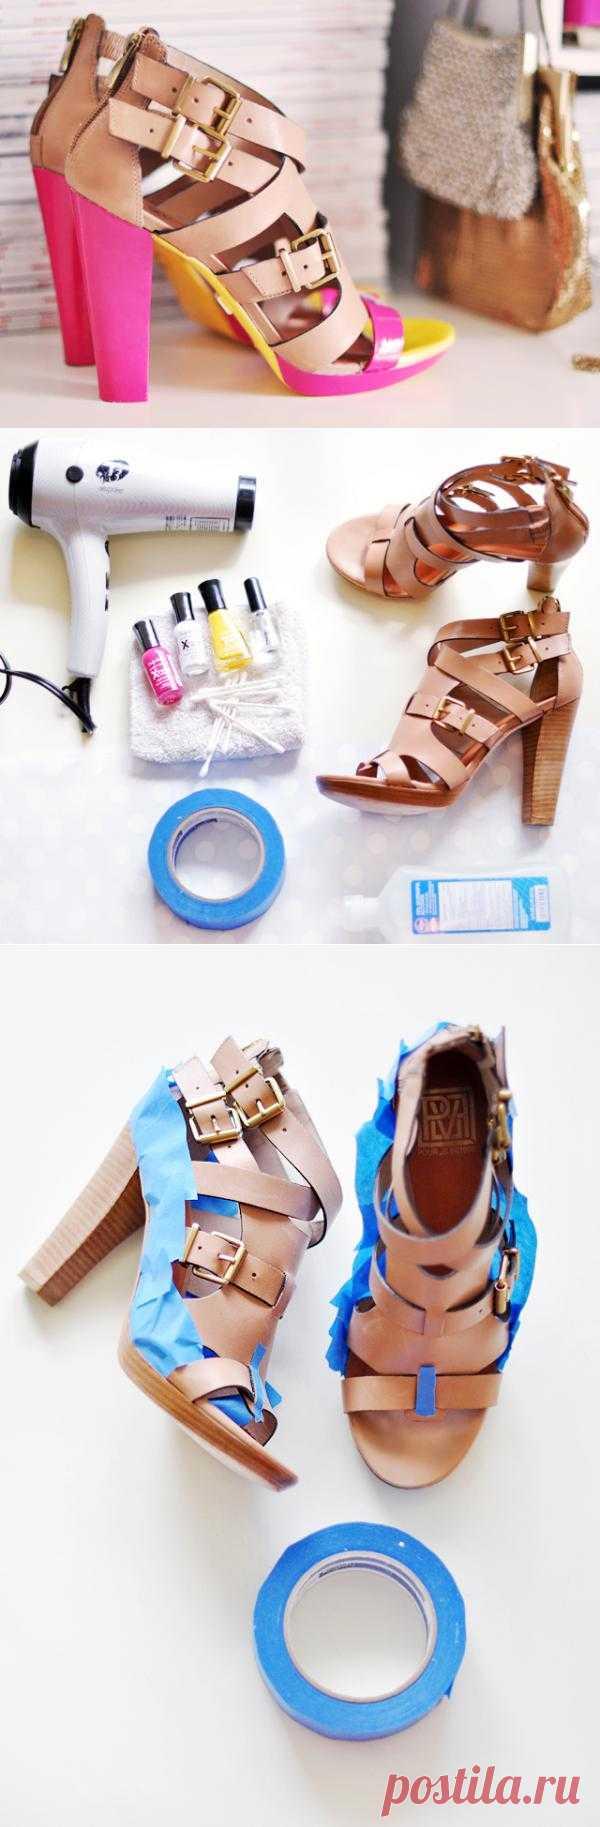 Добавляем туфлям изюминку